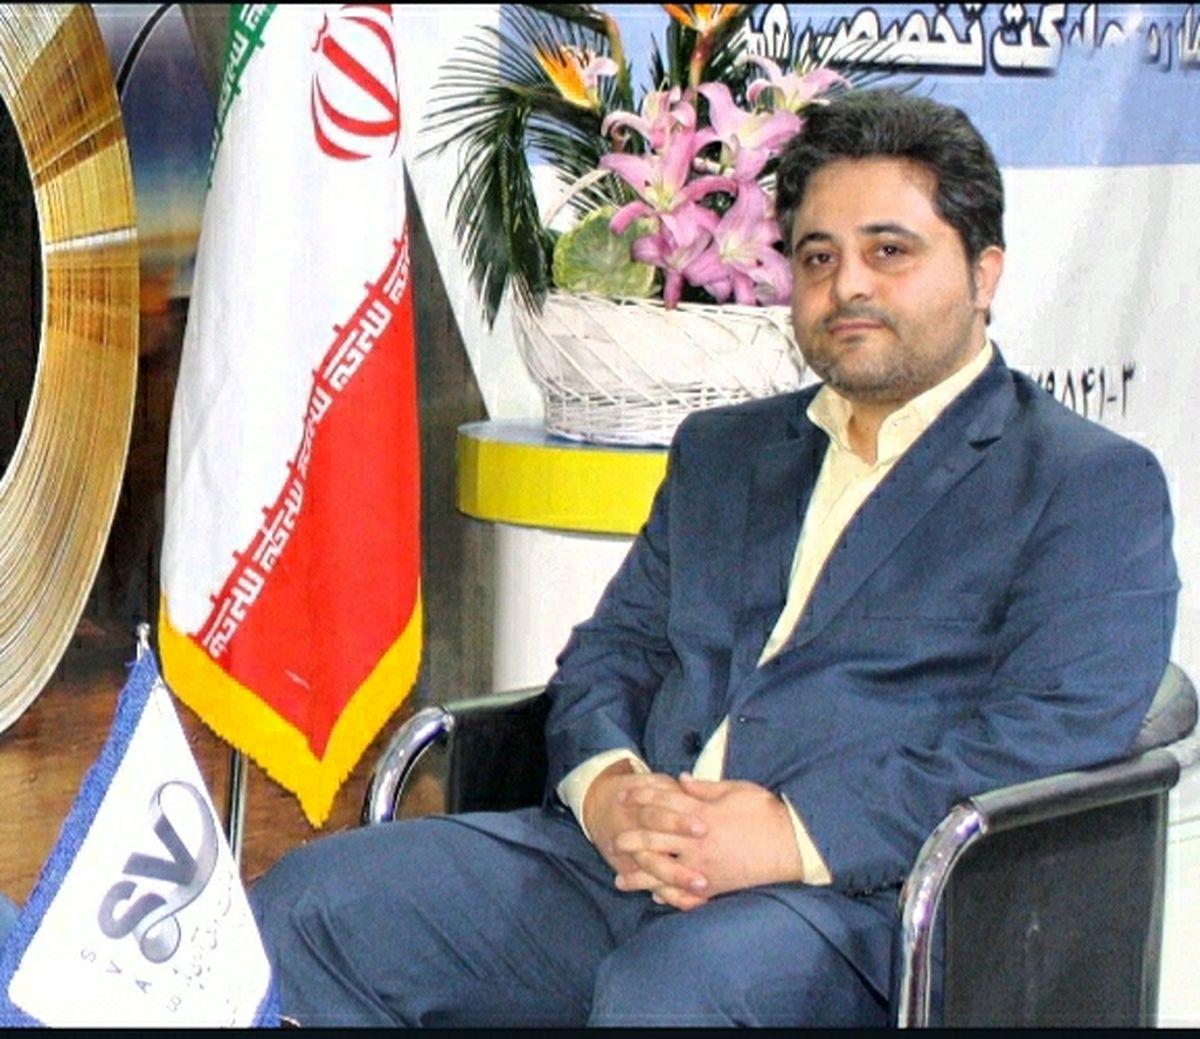 تبریک مدیر عامل شرکت صنعت ورق آرین پاژ به  علیرضا رزم حسینی  وزیر محترم صنعت، معدن و تجارت